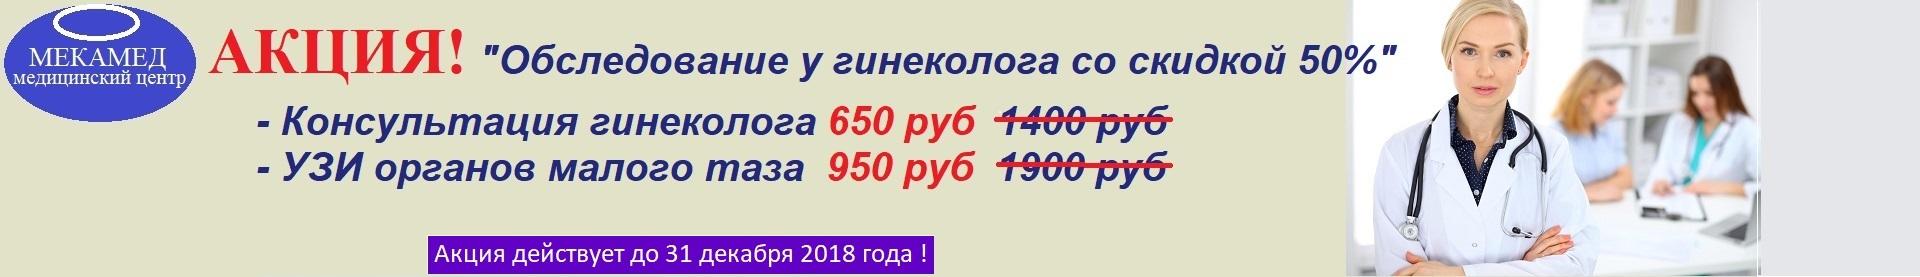 ginek311218